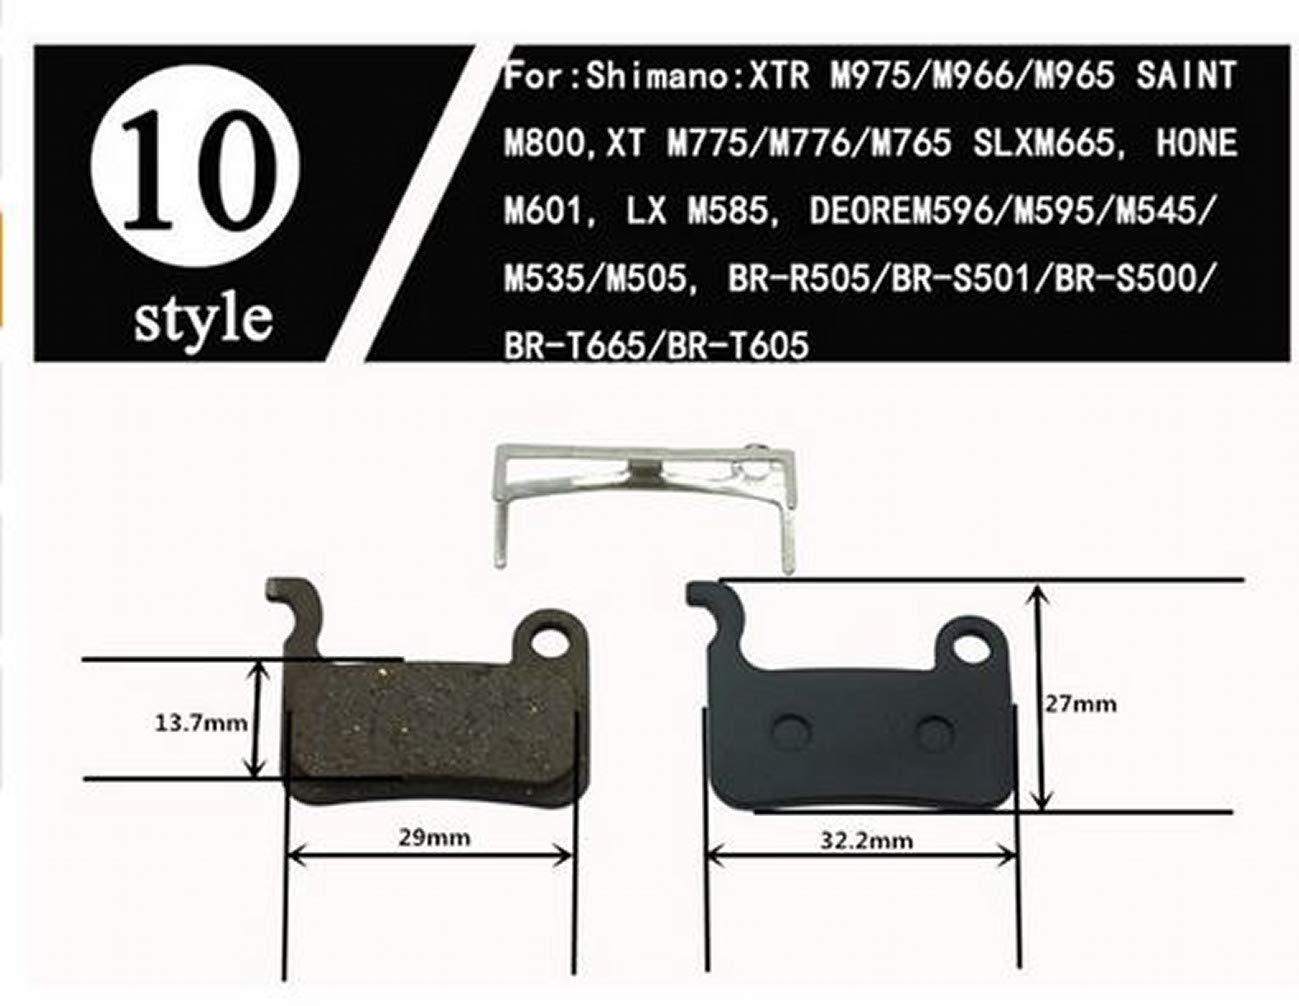 SLX Les Plaquettes de Frein Pads de Disque ARUNDEL SERVICES EU 2 Paires VTT Plaquettes de Freins hydrauliques /à Disque pour Shimano Deore XT//R M975 // M966 // M965 Saint M800 XT M775 // M776 // M765